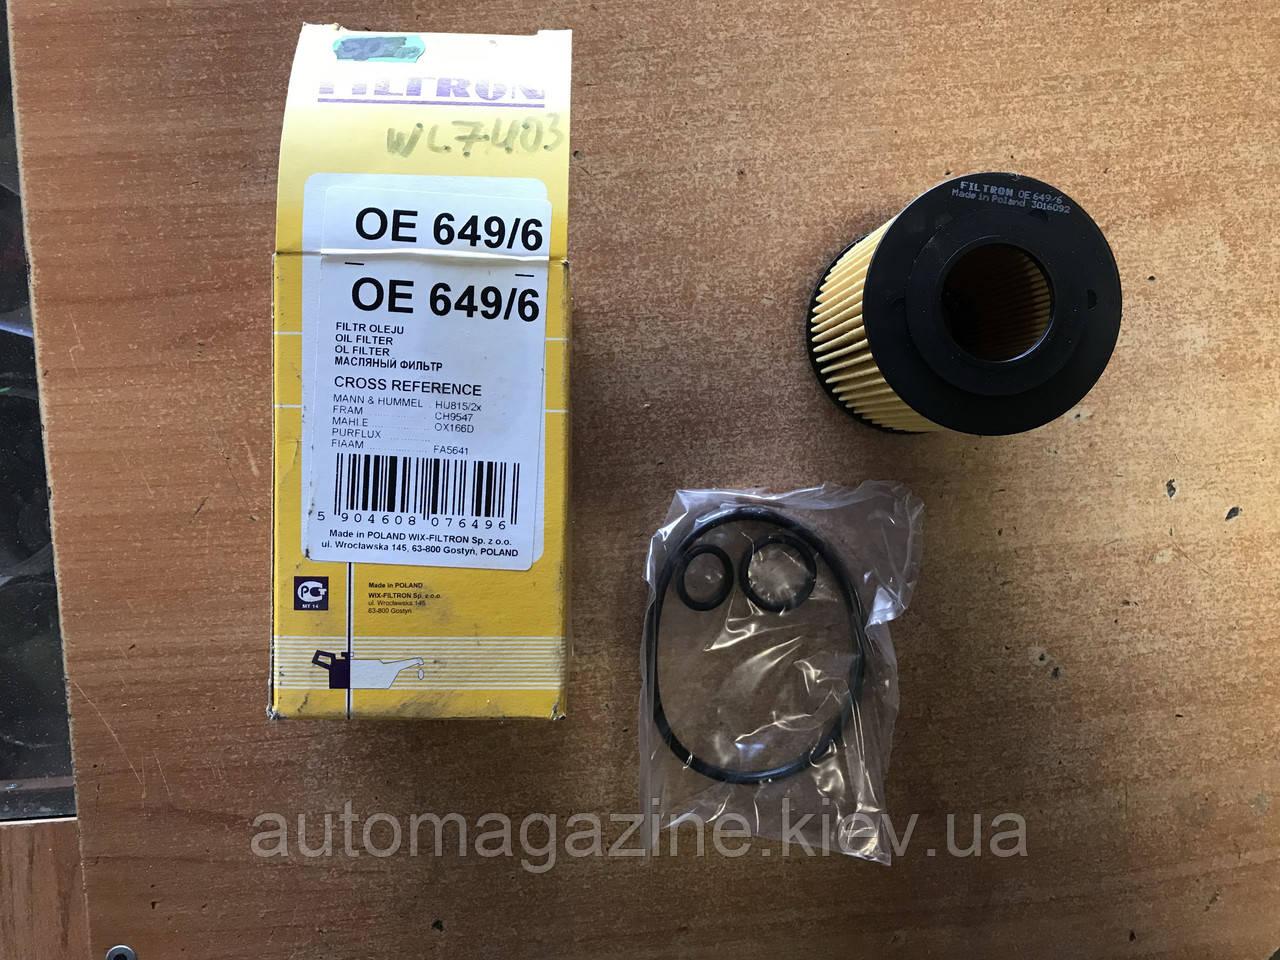 Фильтр масляный WL 7403 (OE649/6)